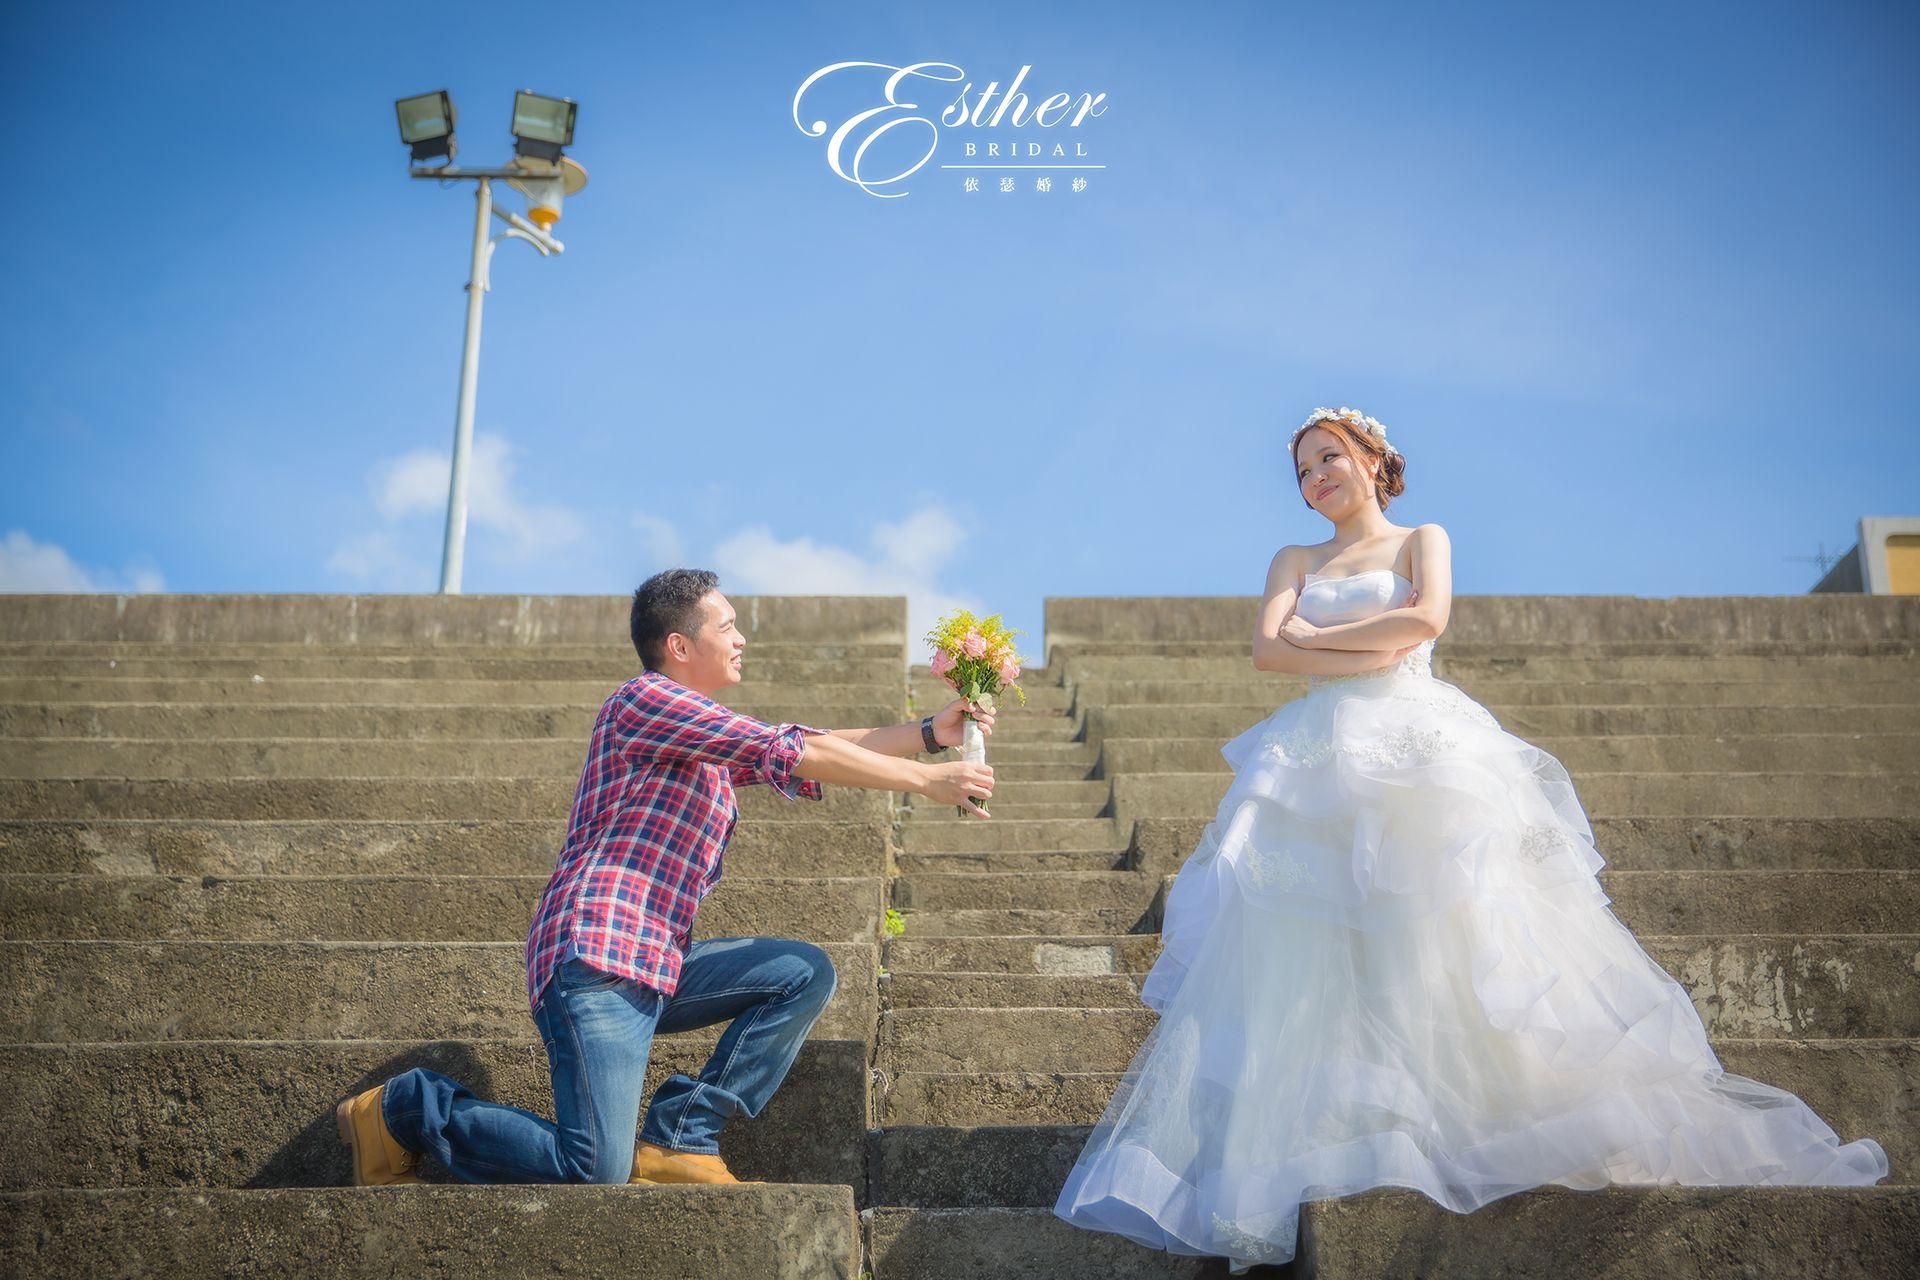 自助婚紗 就是任性要你說出一百個求婚的理由,雖然我一直都知道,最重要的理由是你愛我。 {自然系婚紗} Photographer/ Lion Lai Makeup Artist/ Yiying Lee